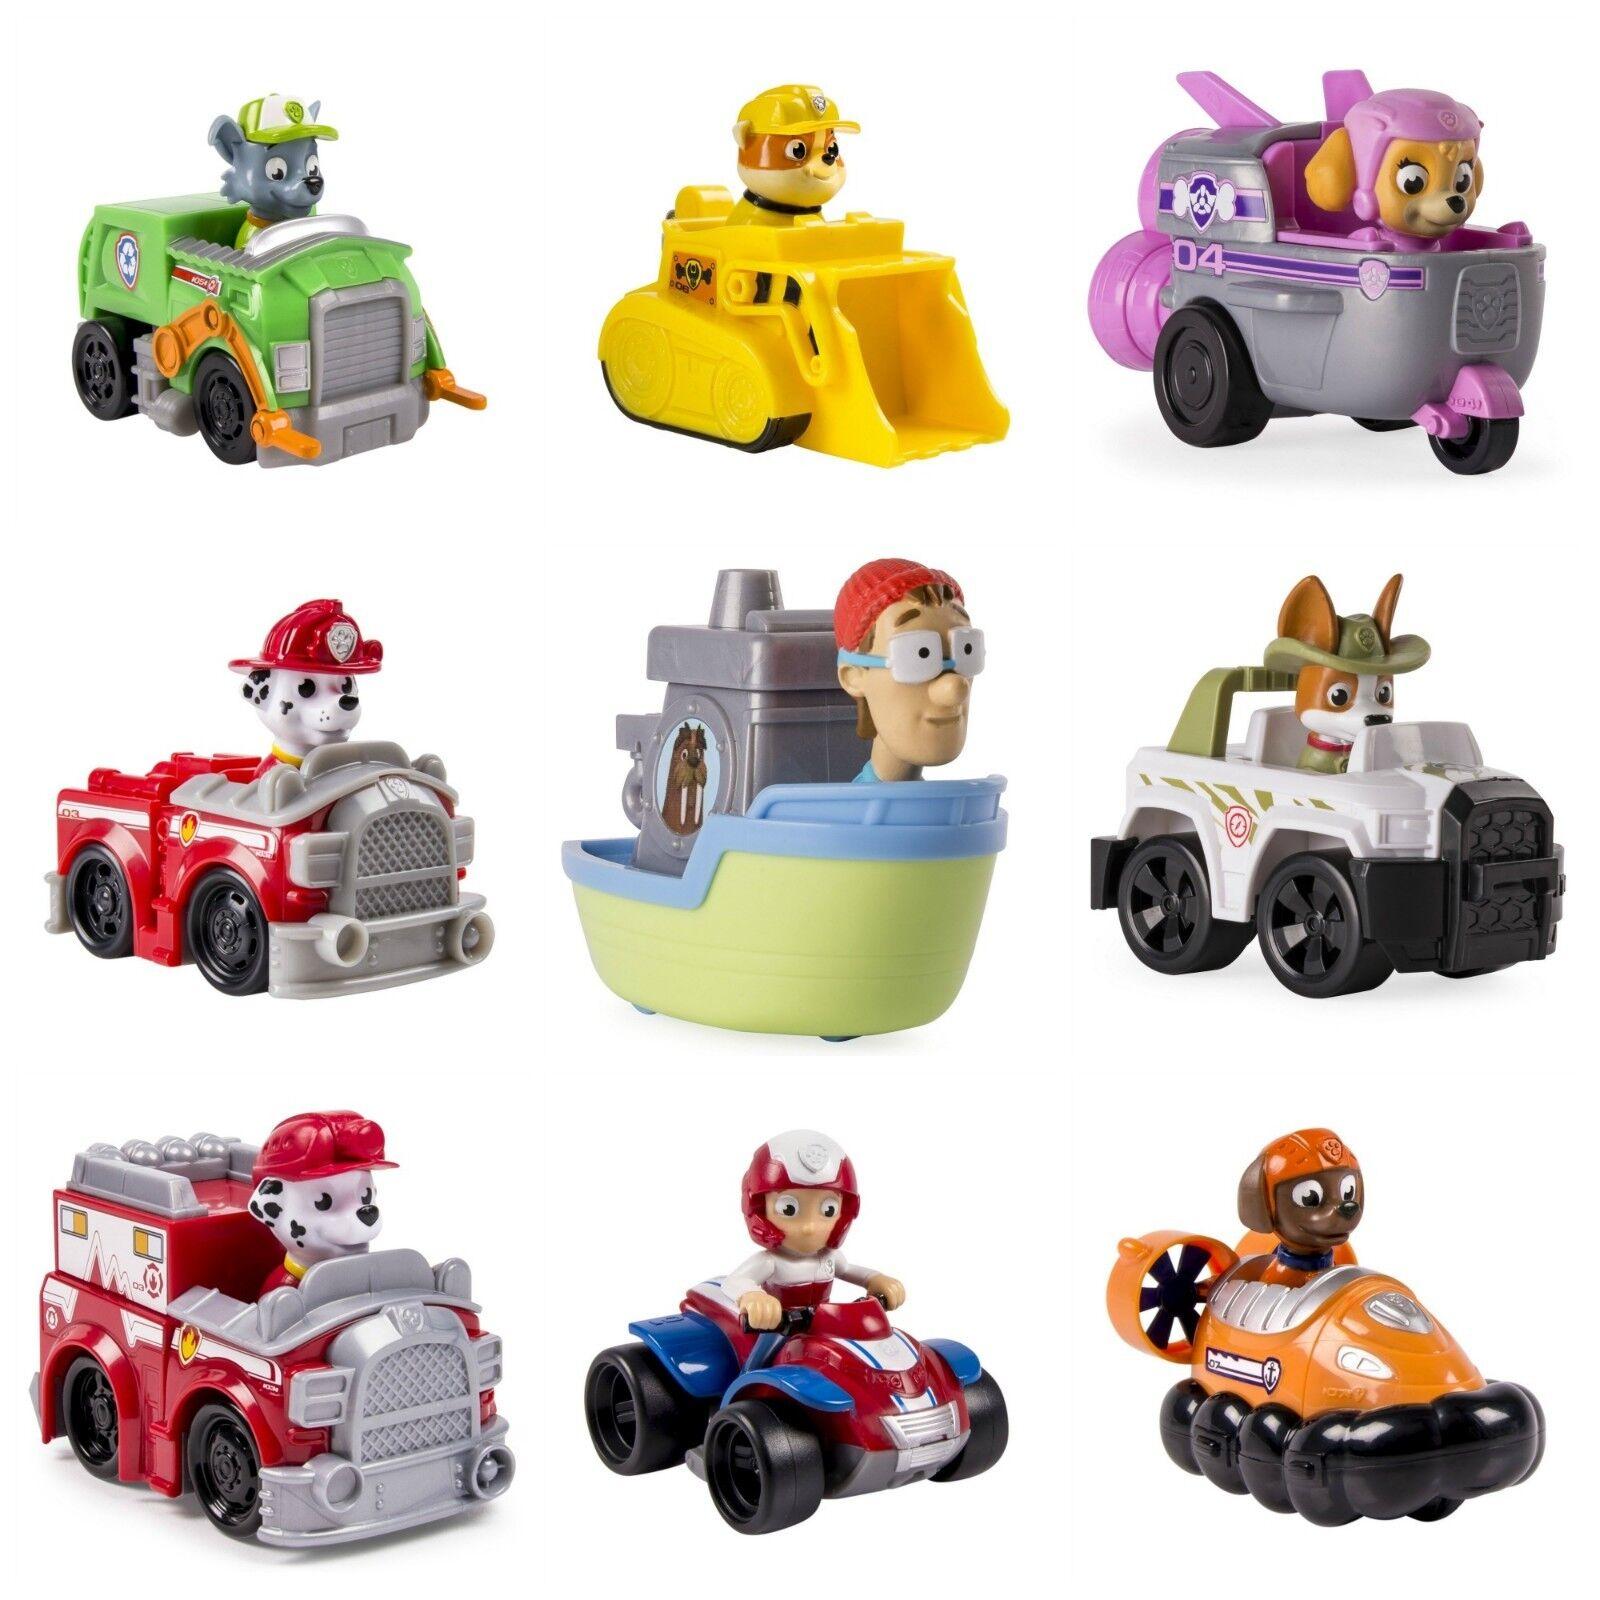 Buy 1 Get 1 25% OFF  Nickelodeon Paw Patrol Racer